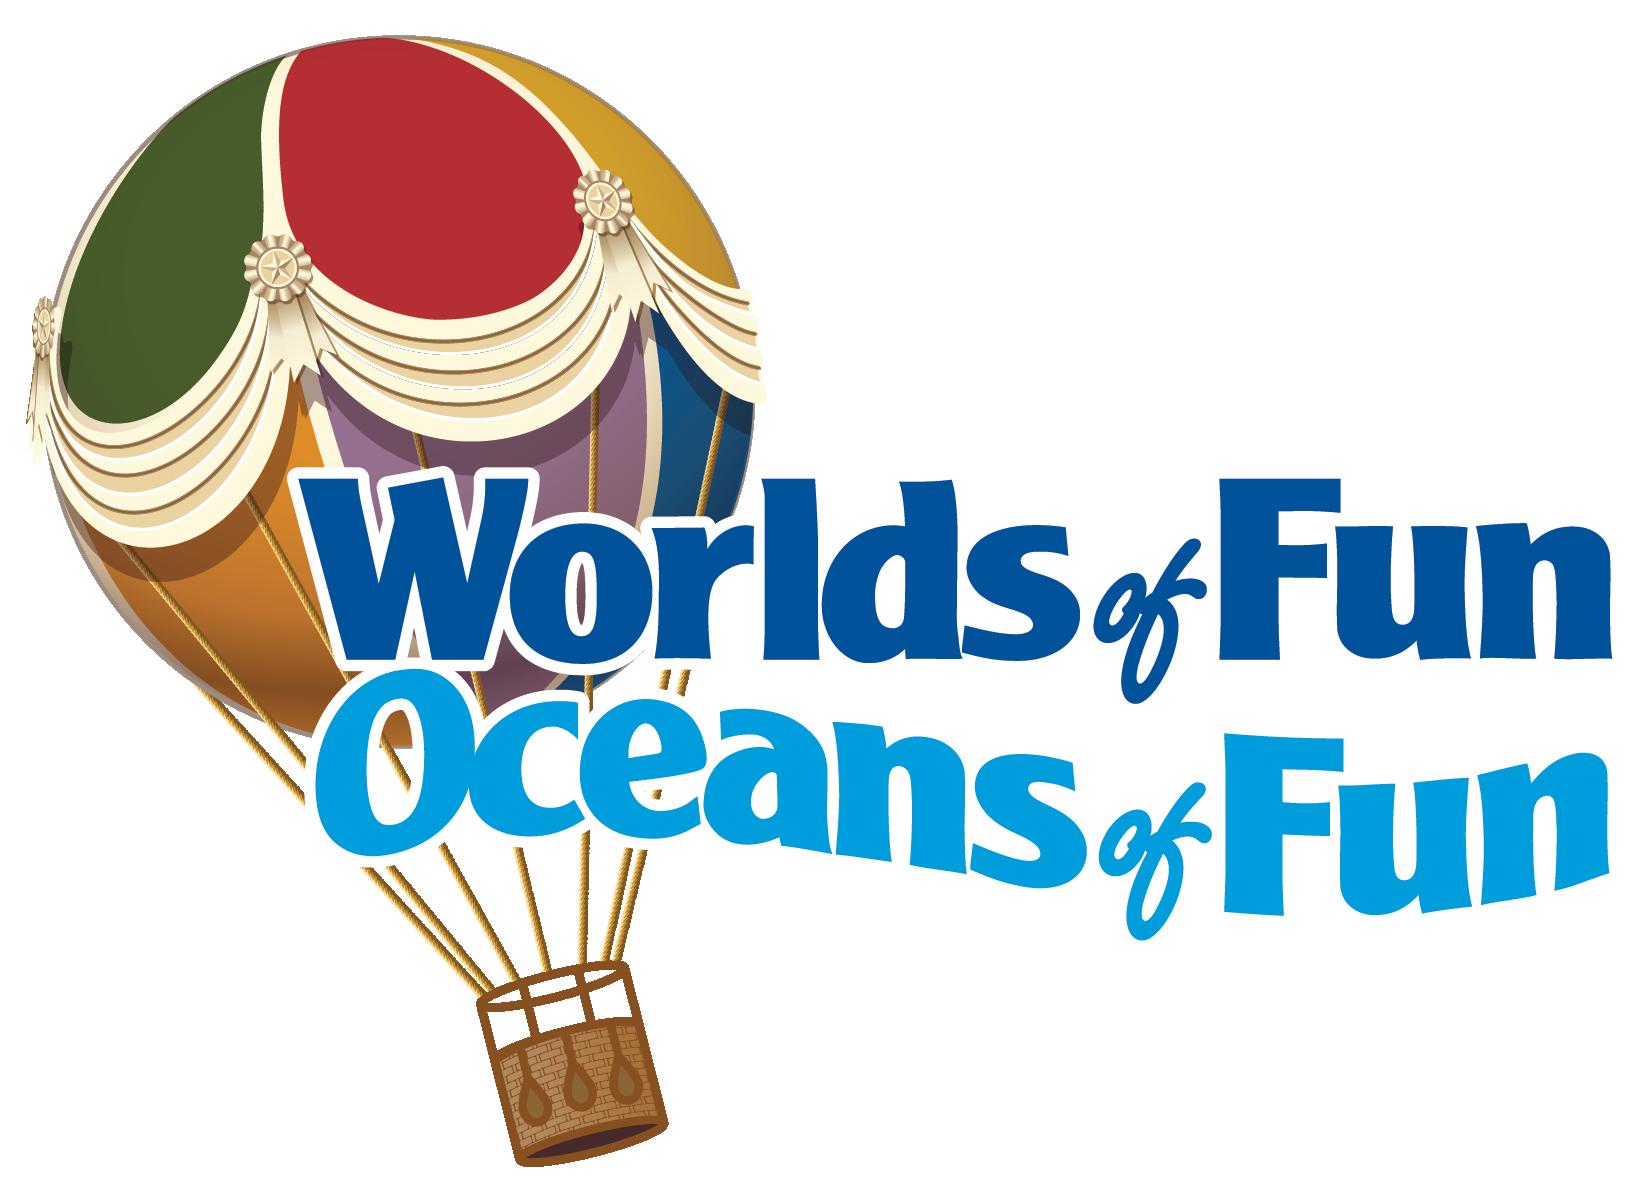 Worlds of Fun Amusement Park Staff (Summer 2017)